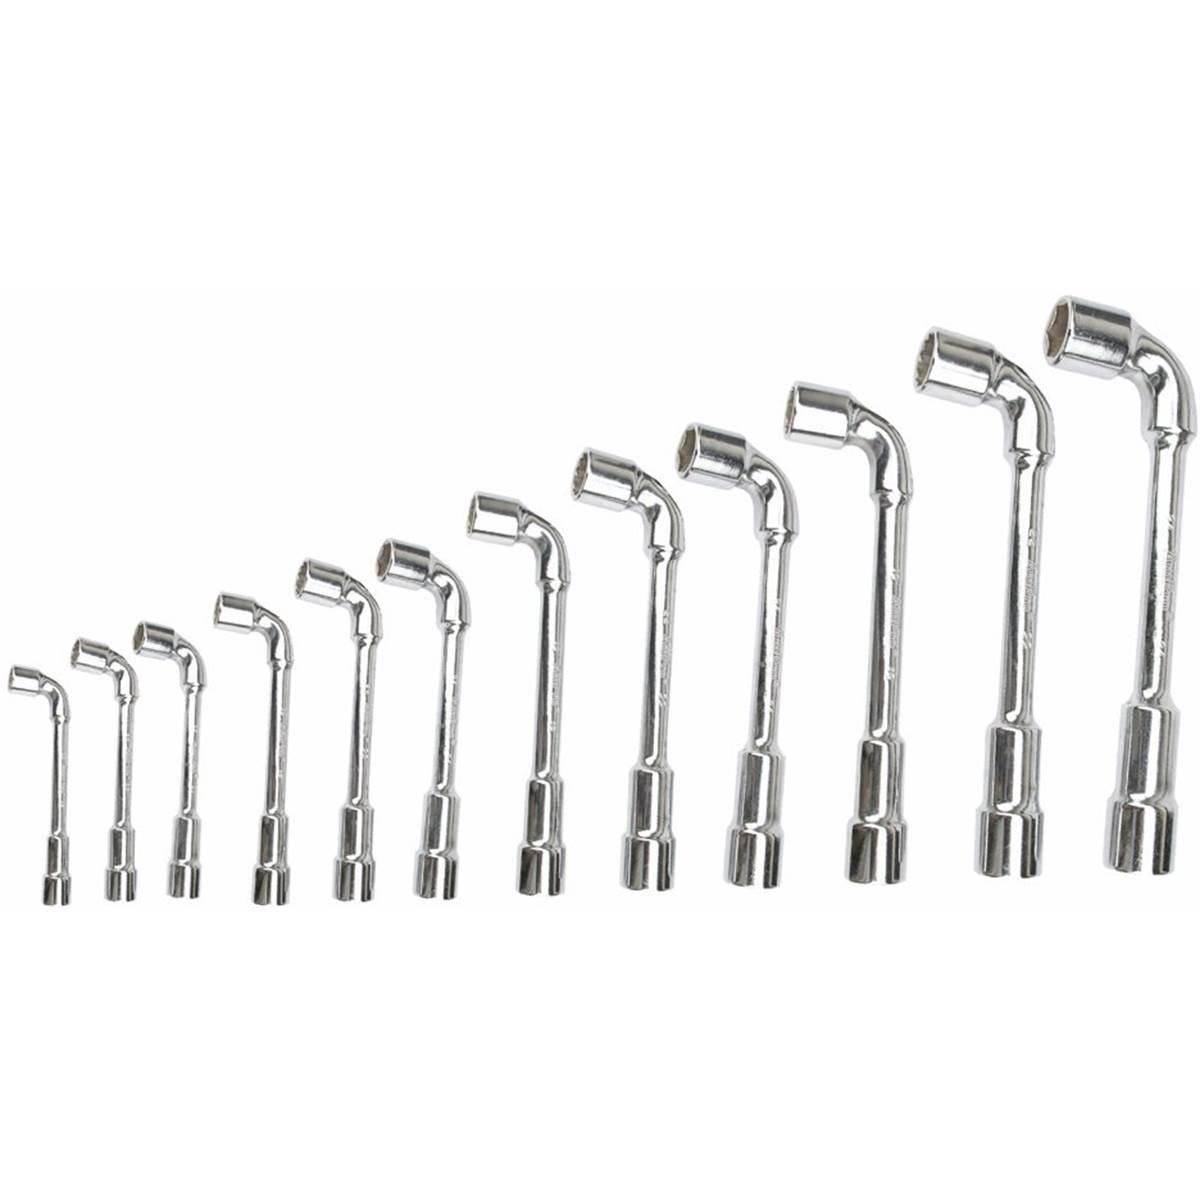 Trousse de 12 clés à pipe T41890 AmPro